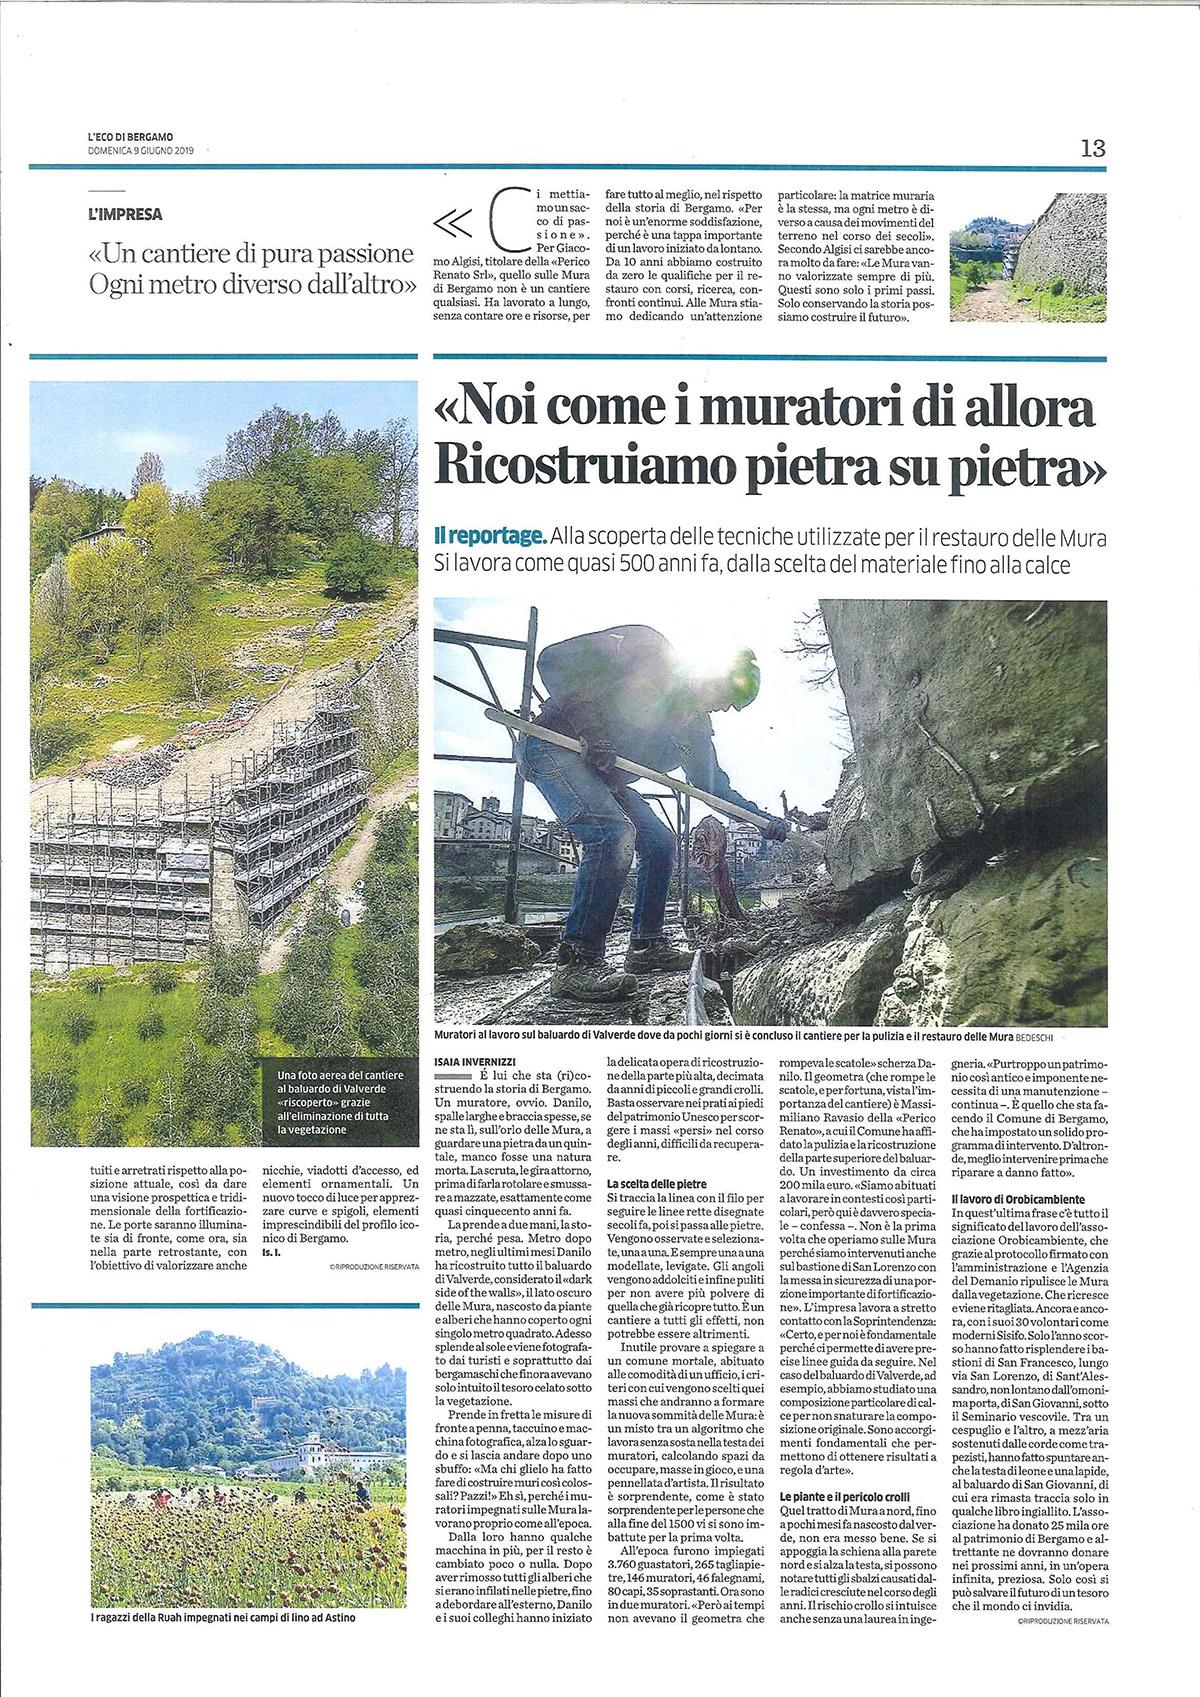 Perico-Renato-Bergamo, Città Alta - Mura venete - Restauro 5